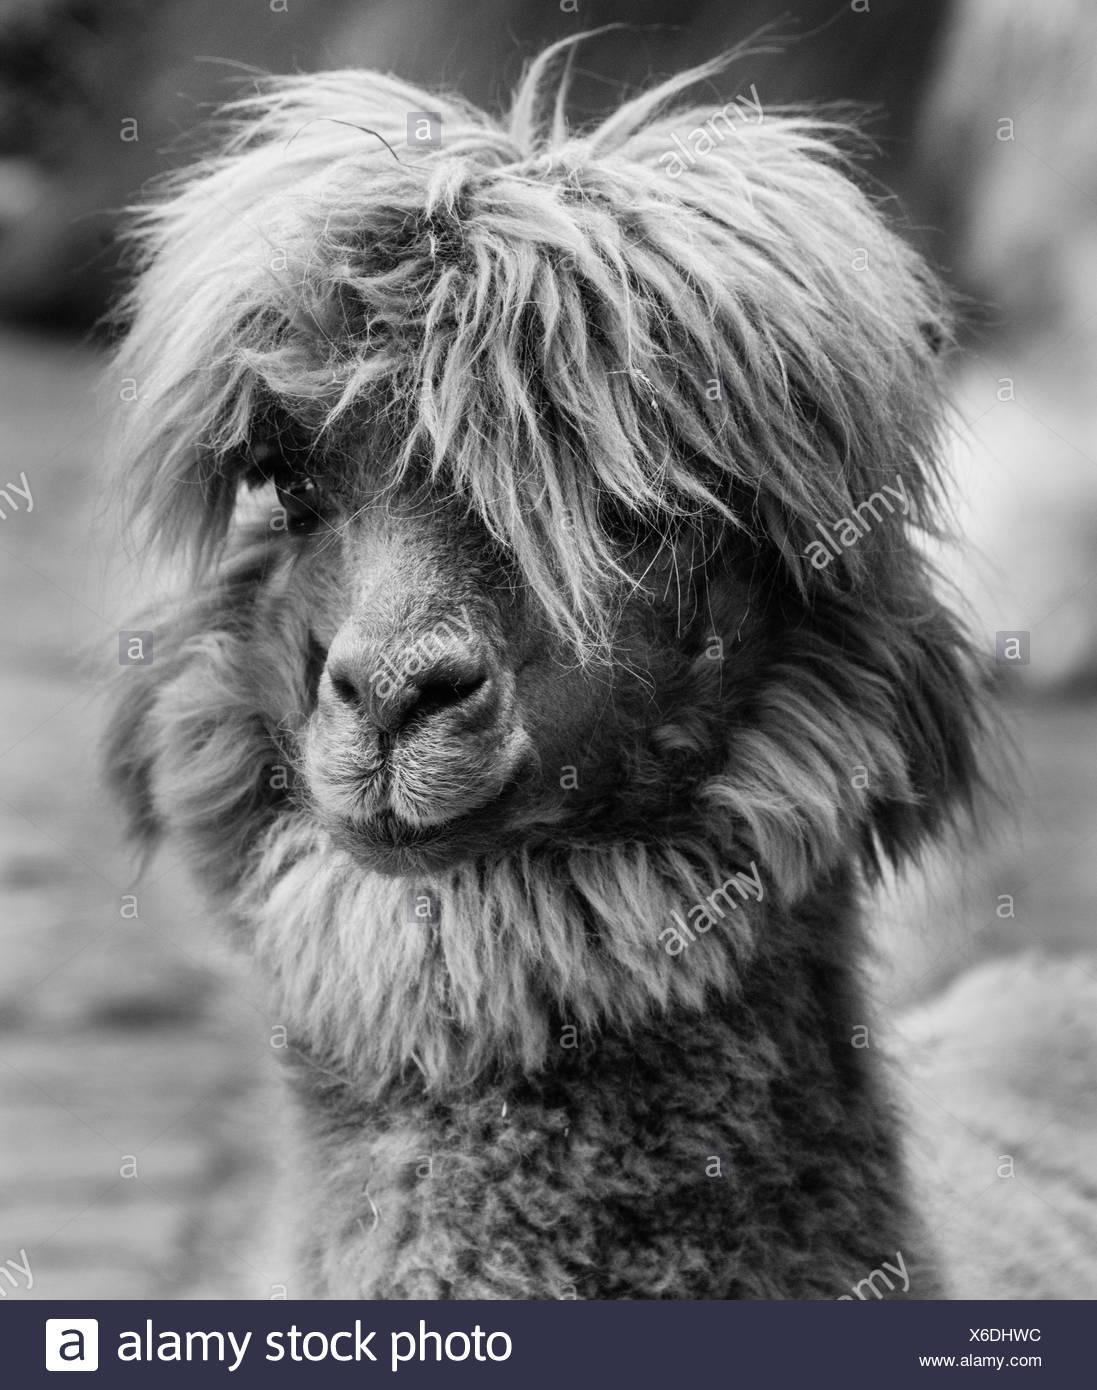 Llama lama glama animal portrait black and white stock photo